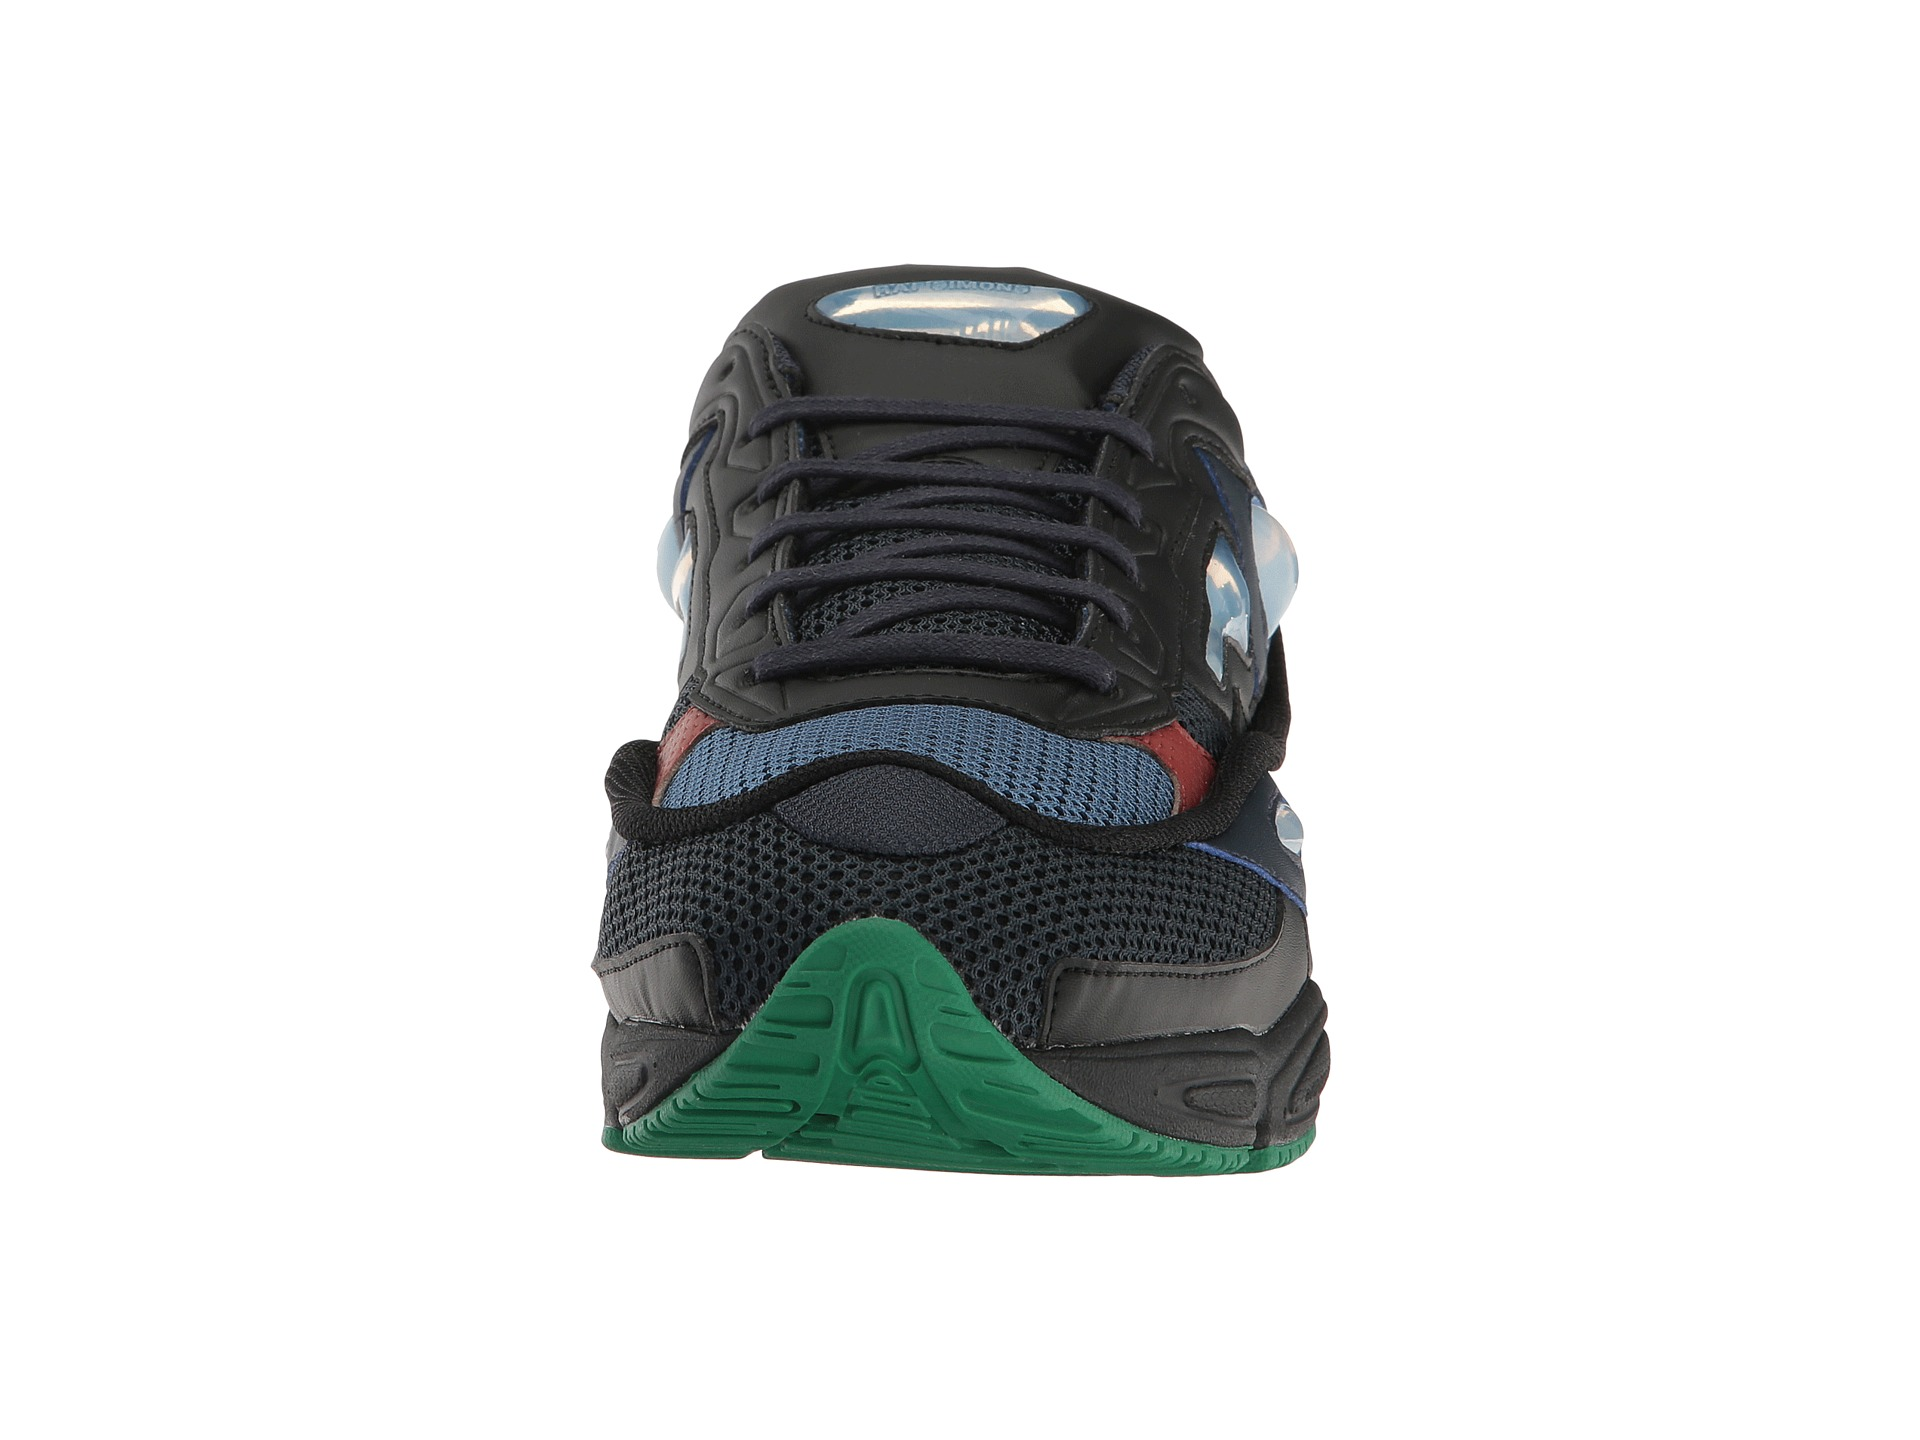 adidas by Raf Simons Raf Simons Ozweego 2 - Zappos.com ...